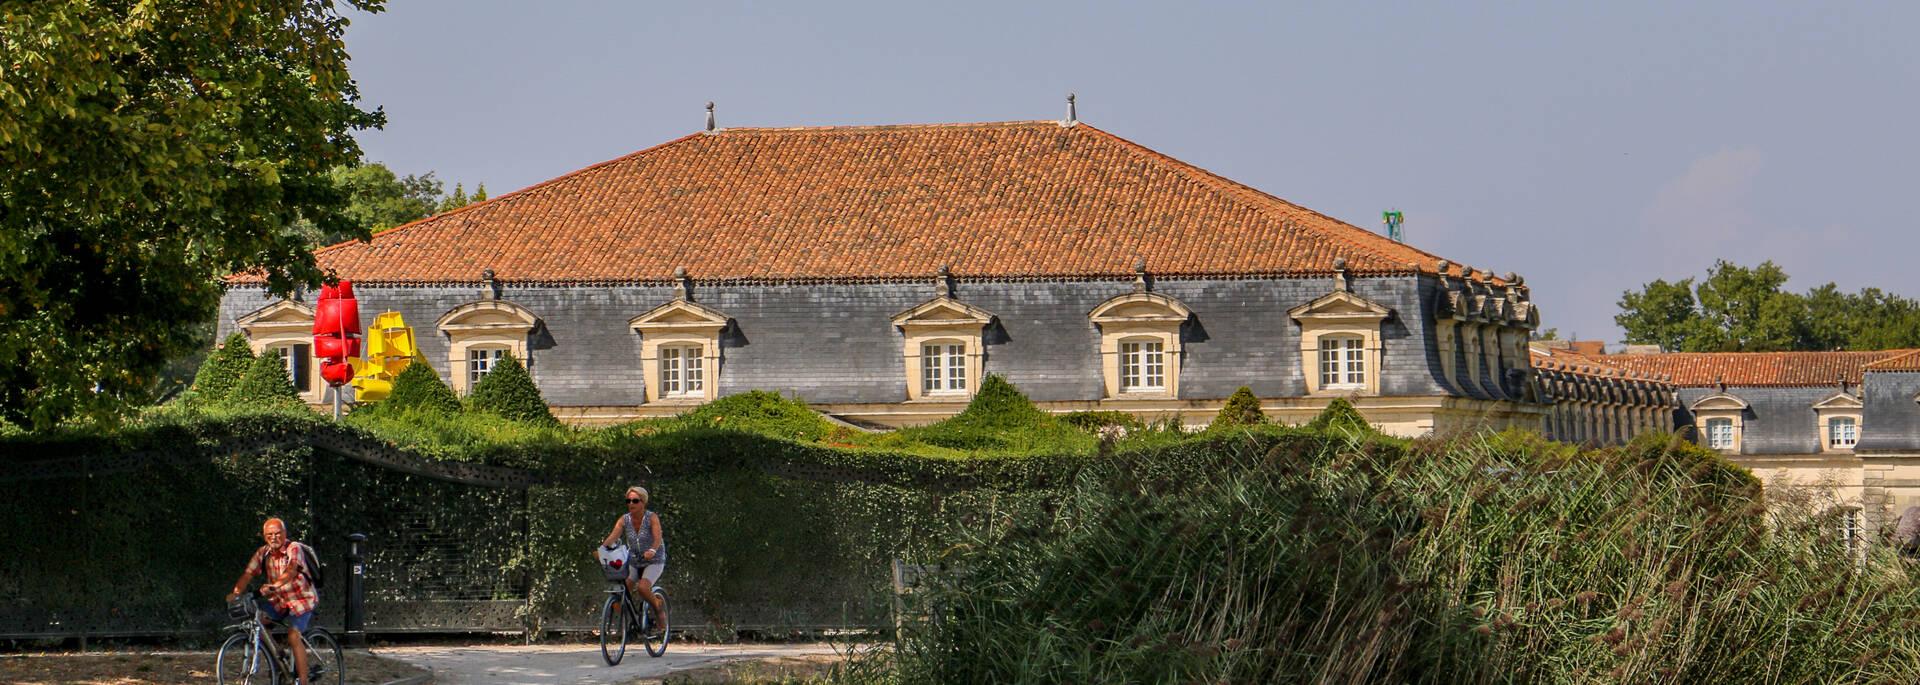 Le site de la Corderie Royale à Rochefort, une invitation à la promenade - © Office de tourisme Rochefort Océan